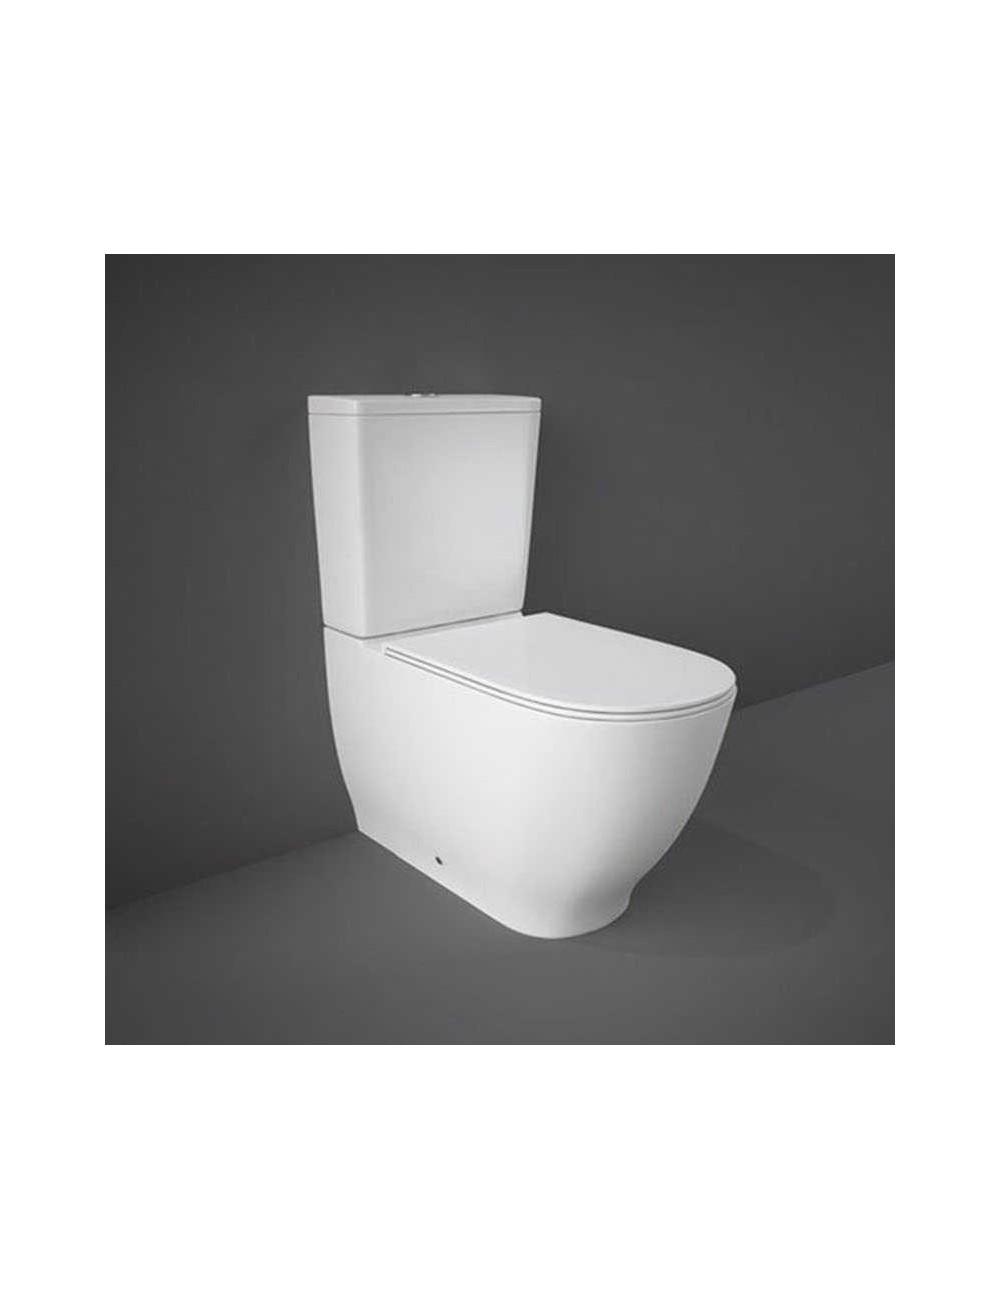 WC monoblocco rimless della linea Moon Rak Ceramics